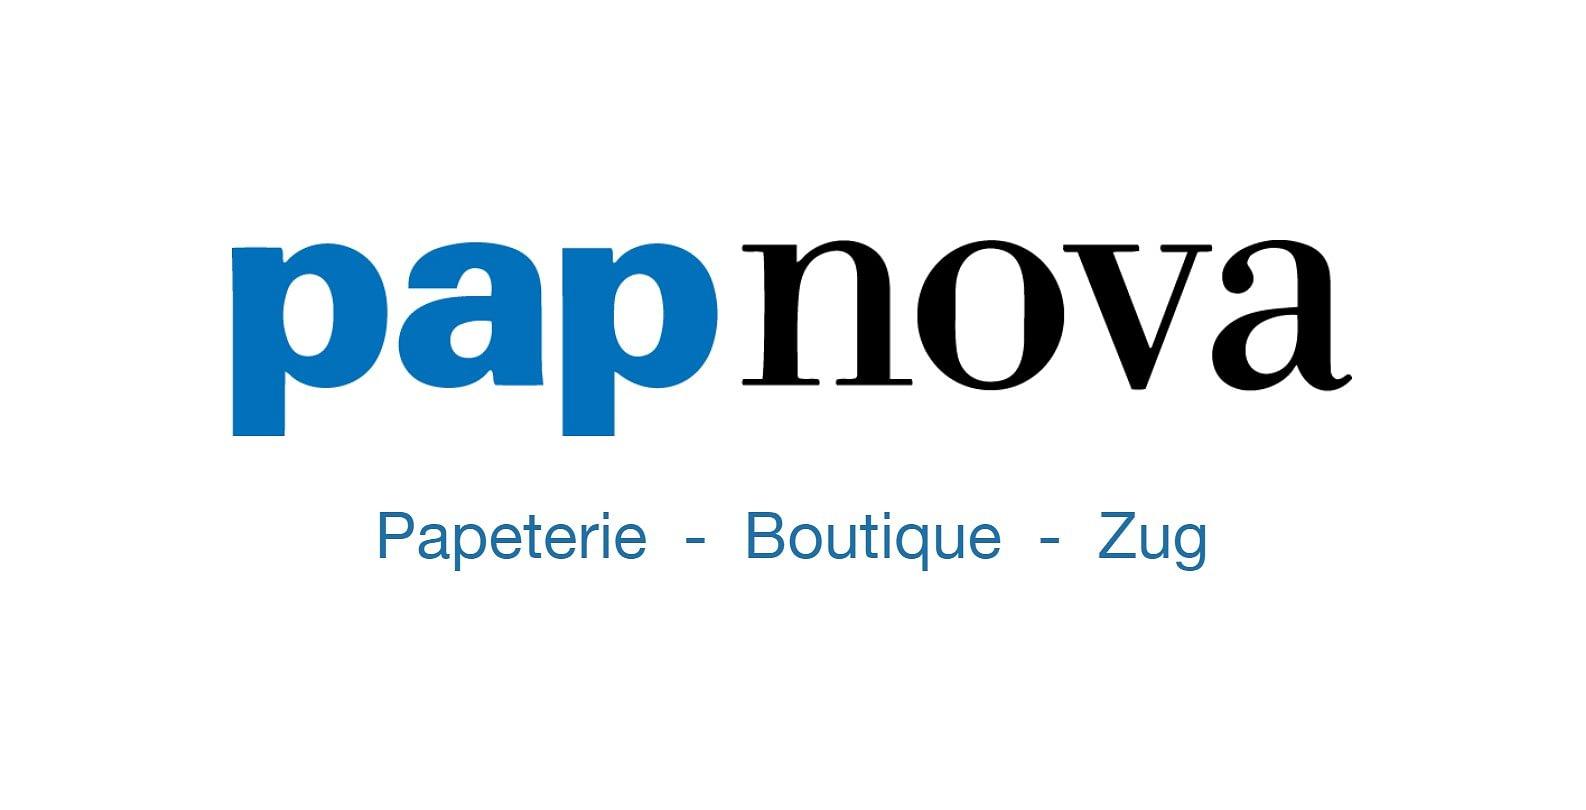 Papnova Papeterie AG